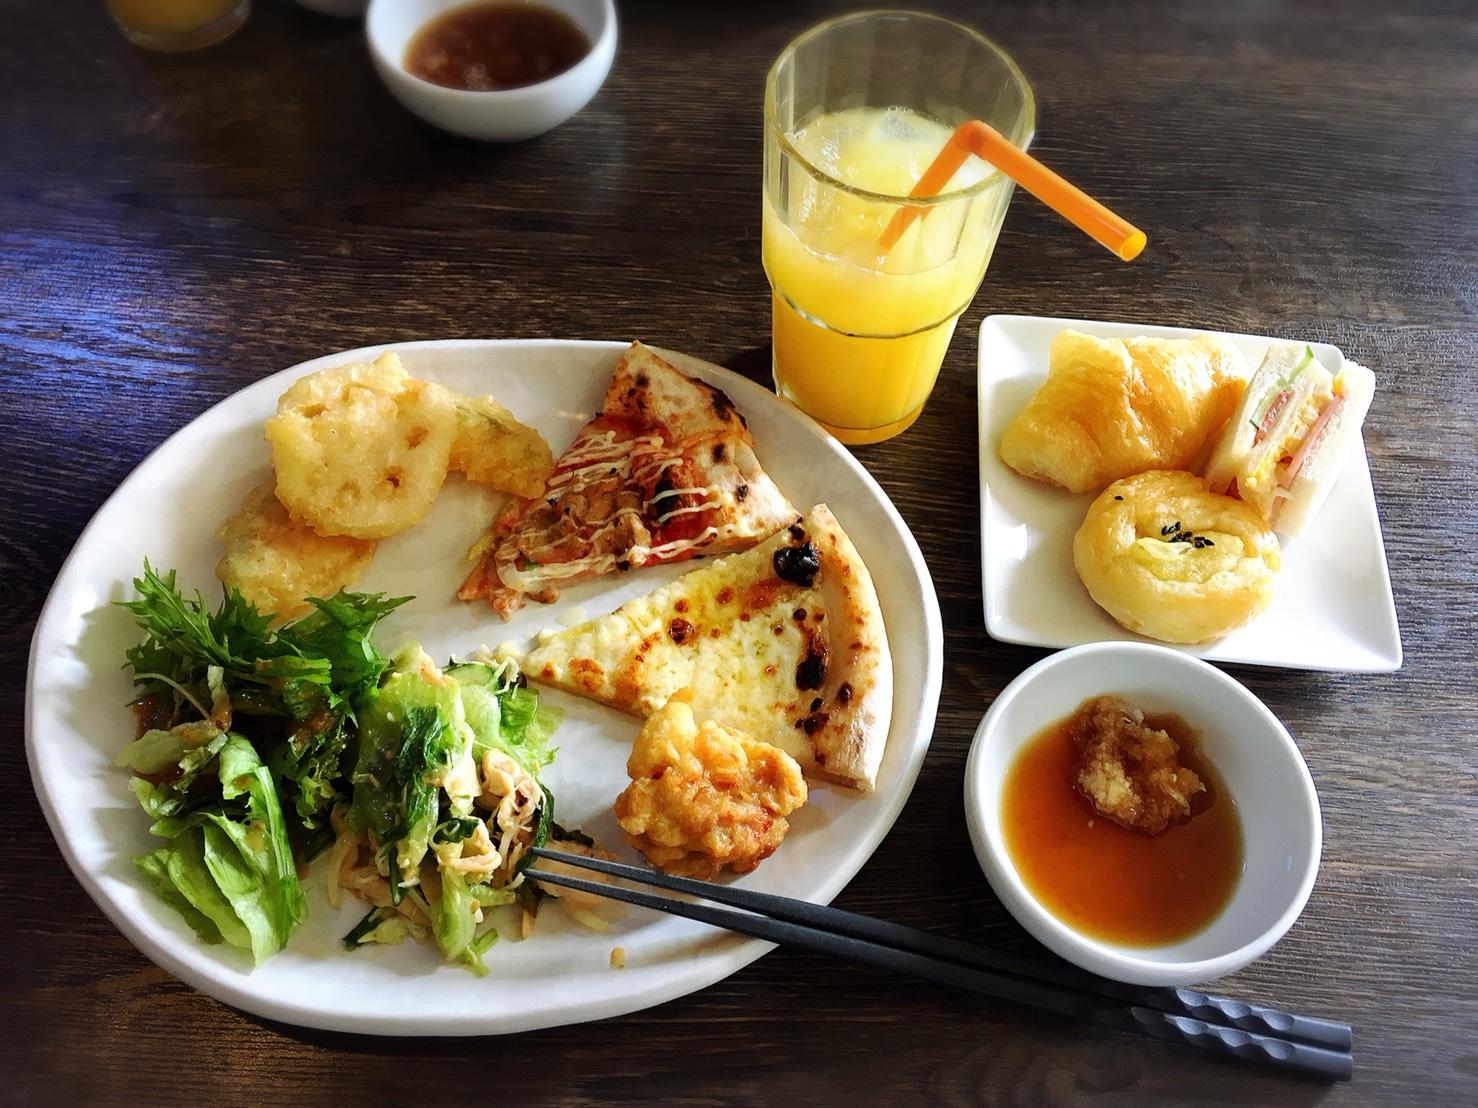 高知県四万十市のハタズキッチン (Hata's Kitchen)に食事に行きました